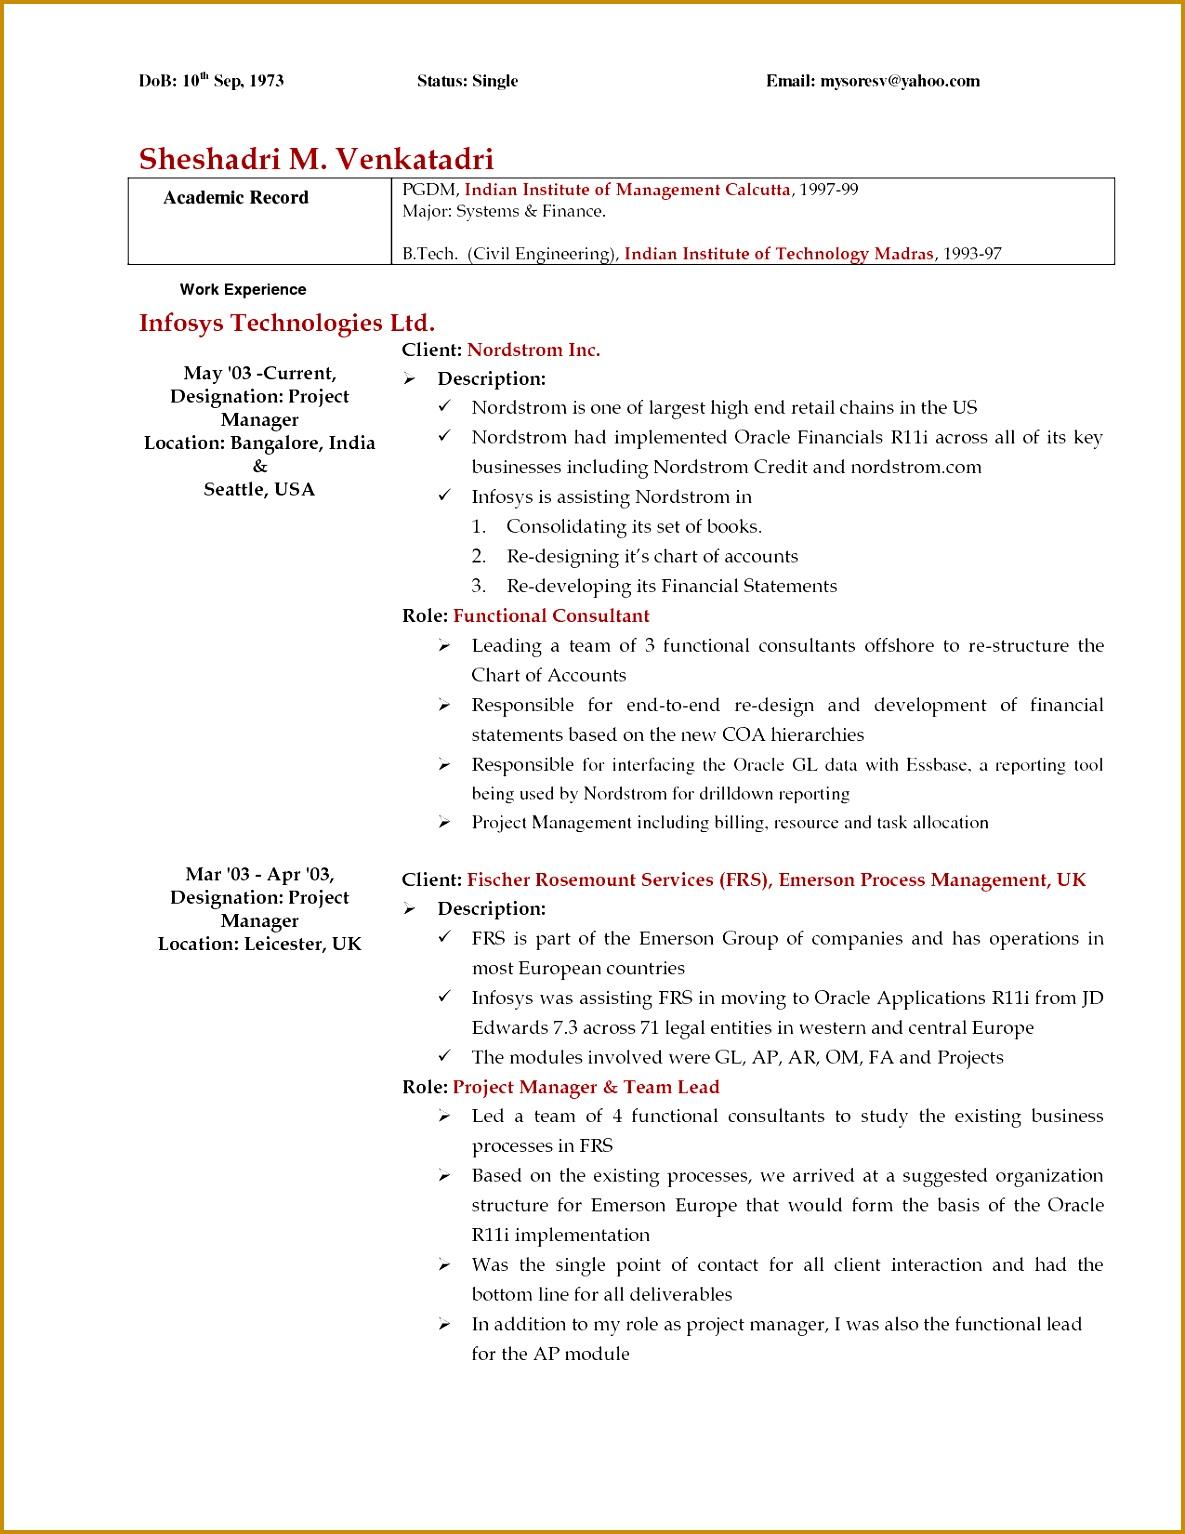 Social Media Intern Cover Letter Lovely Rn Cover Letter Examples Fresh Sample Rn Resume Best Od 15341185